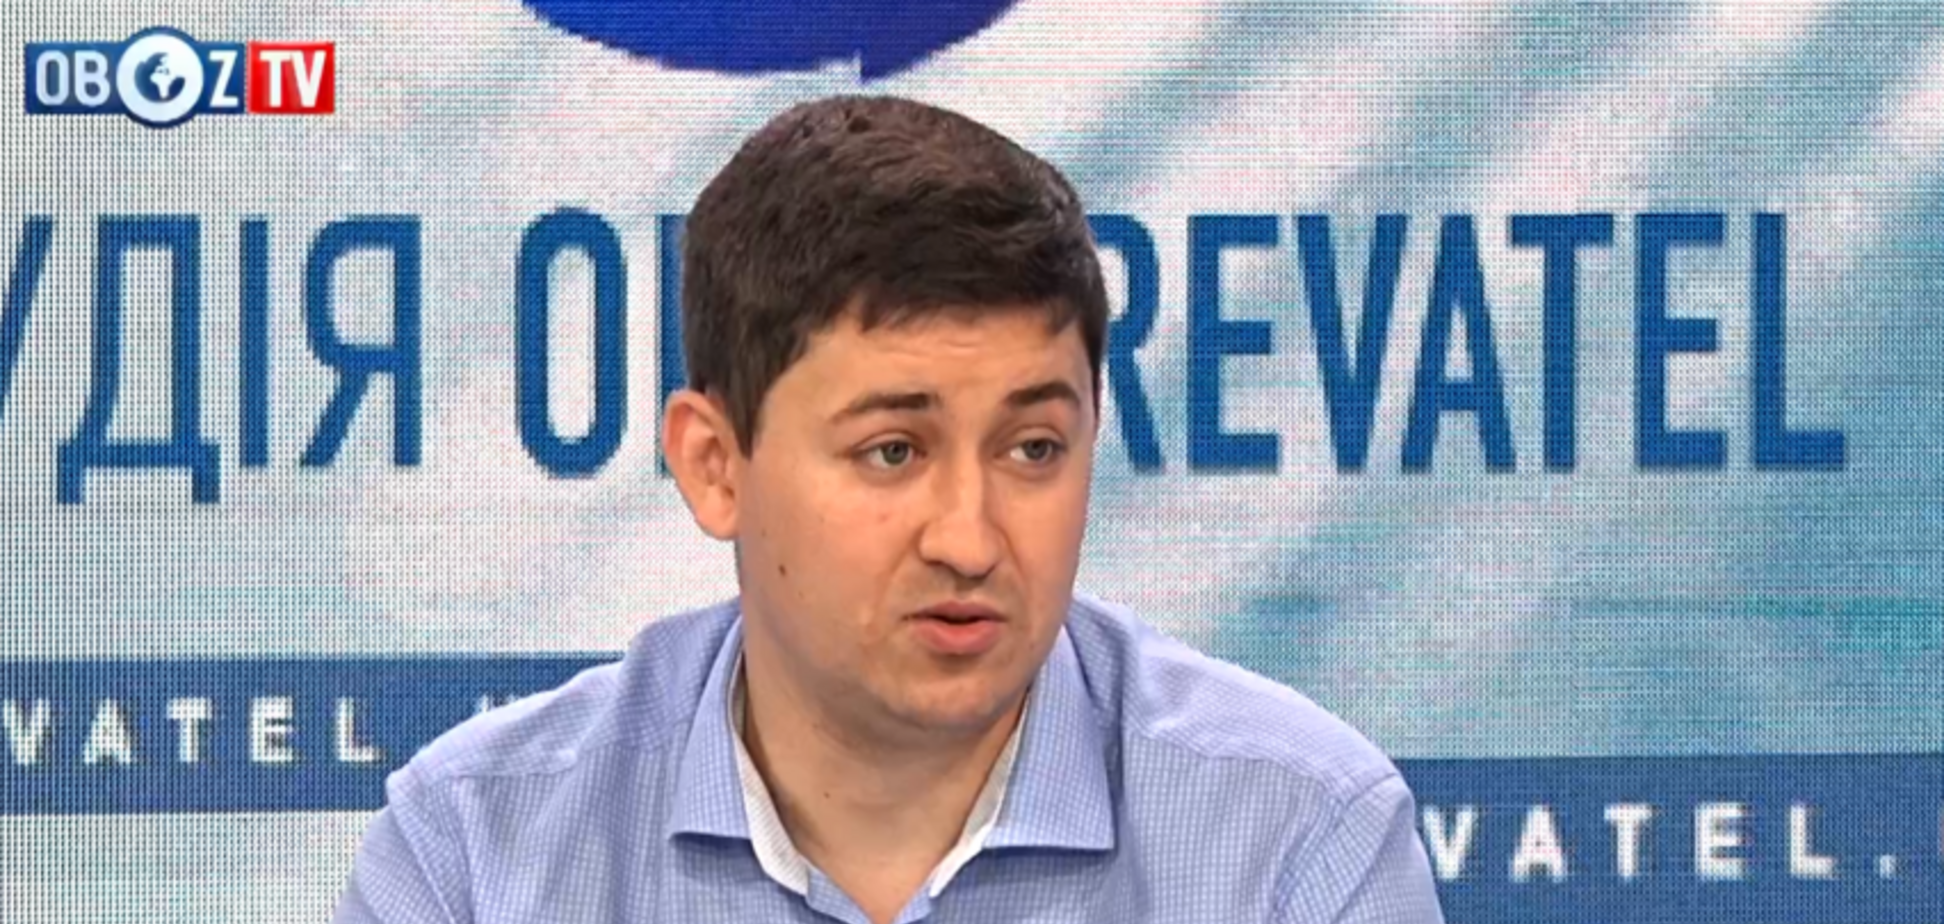 Дискредитація міжнародної системи безпеки: експерт пояснив позицію Росії по українським військовополоненим